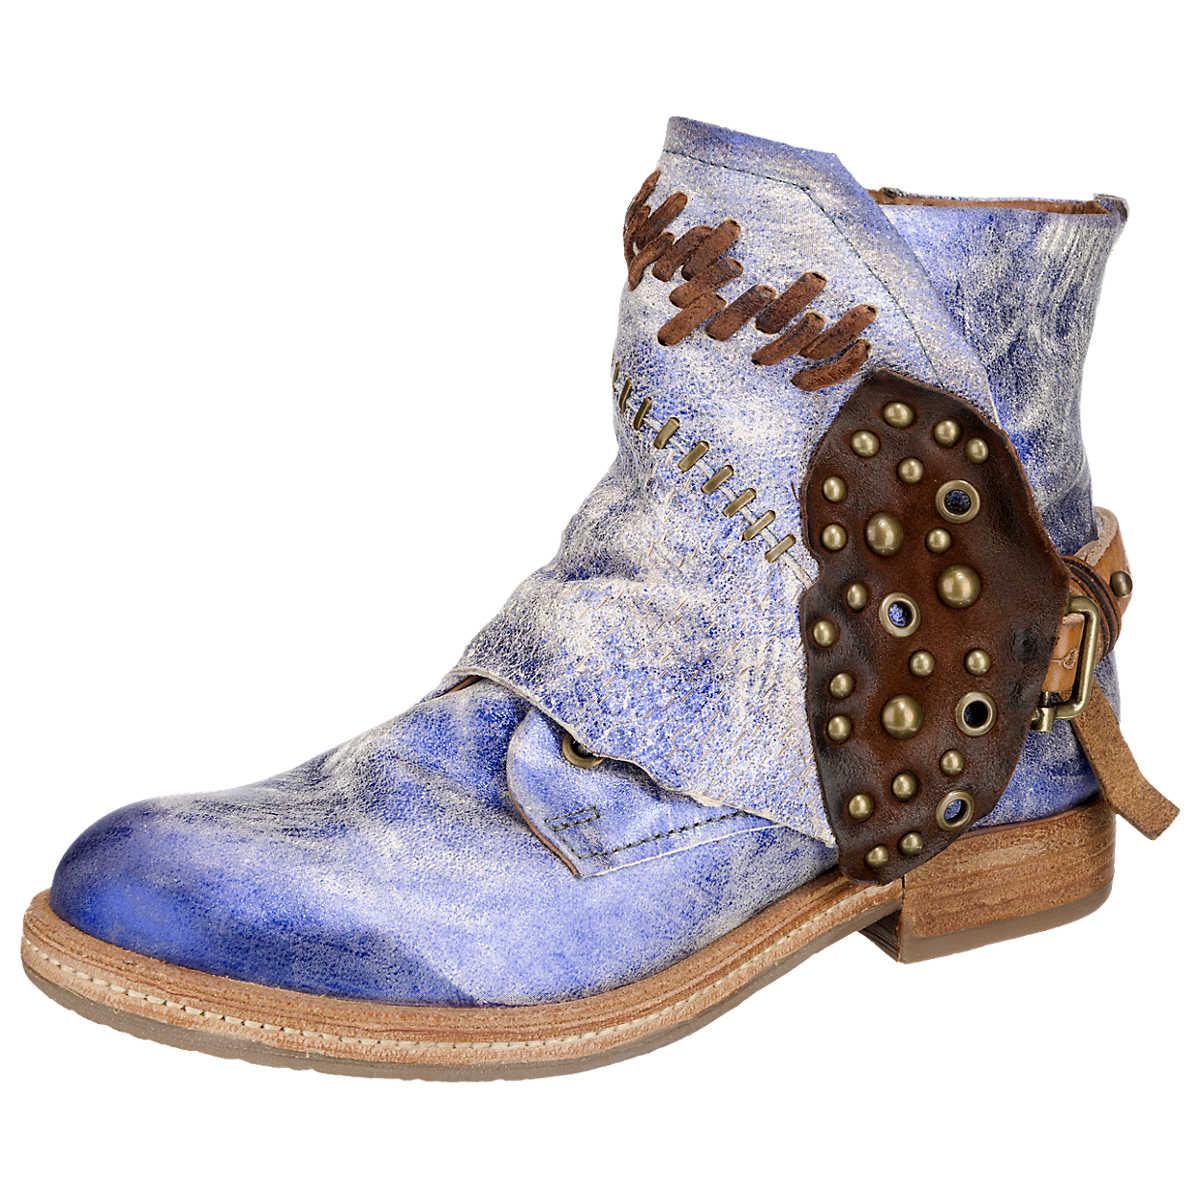 A.S.98 Vertical Stiefeletten blau-kombi - A.S.98 - Stiefeletten - Schuhe - mirapodo.de